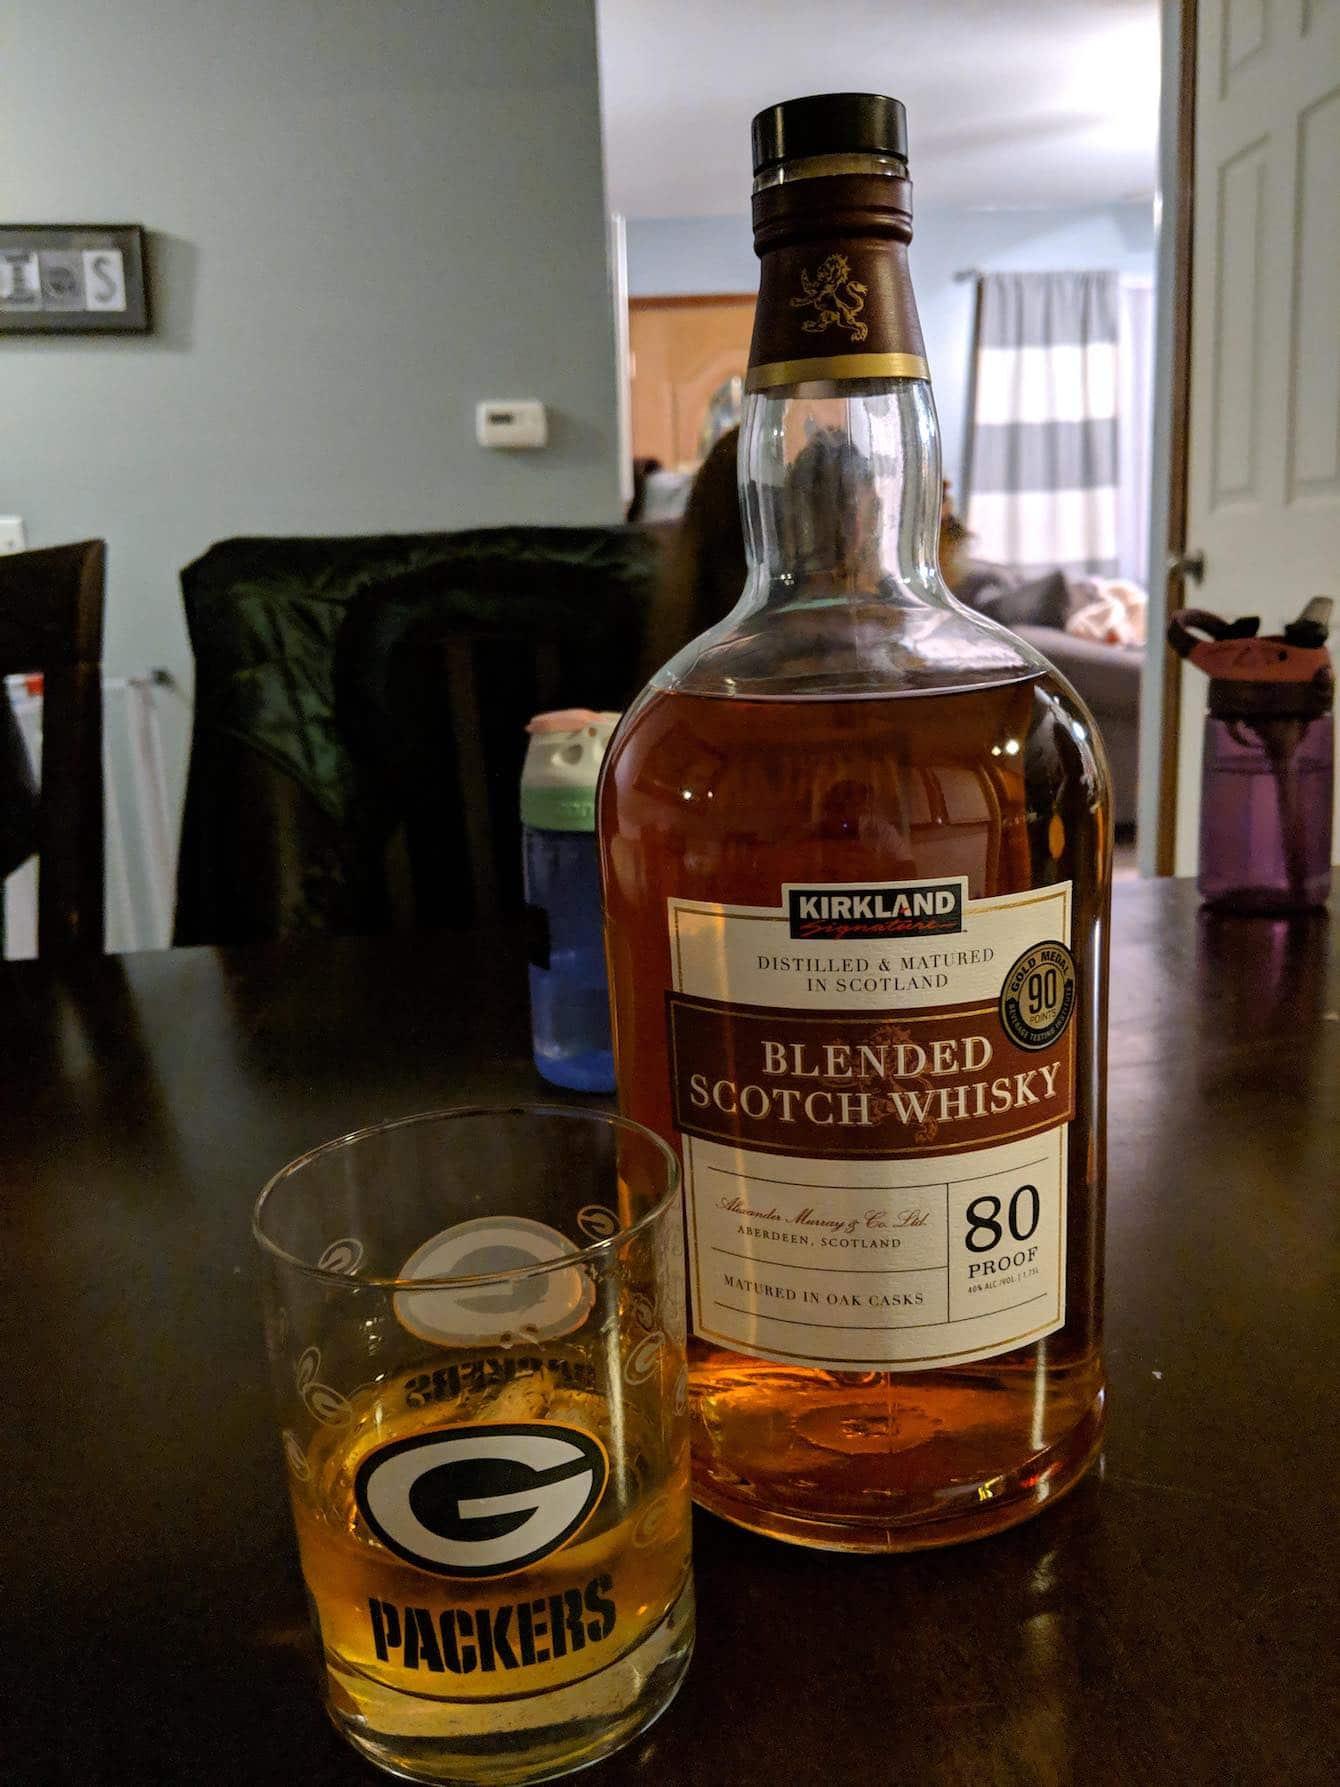 Kirkland Scotch Whisky